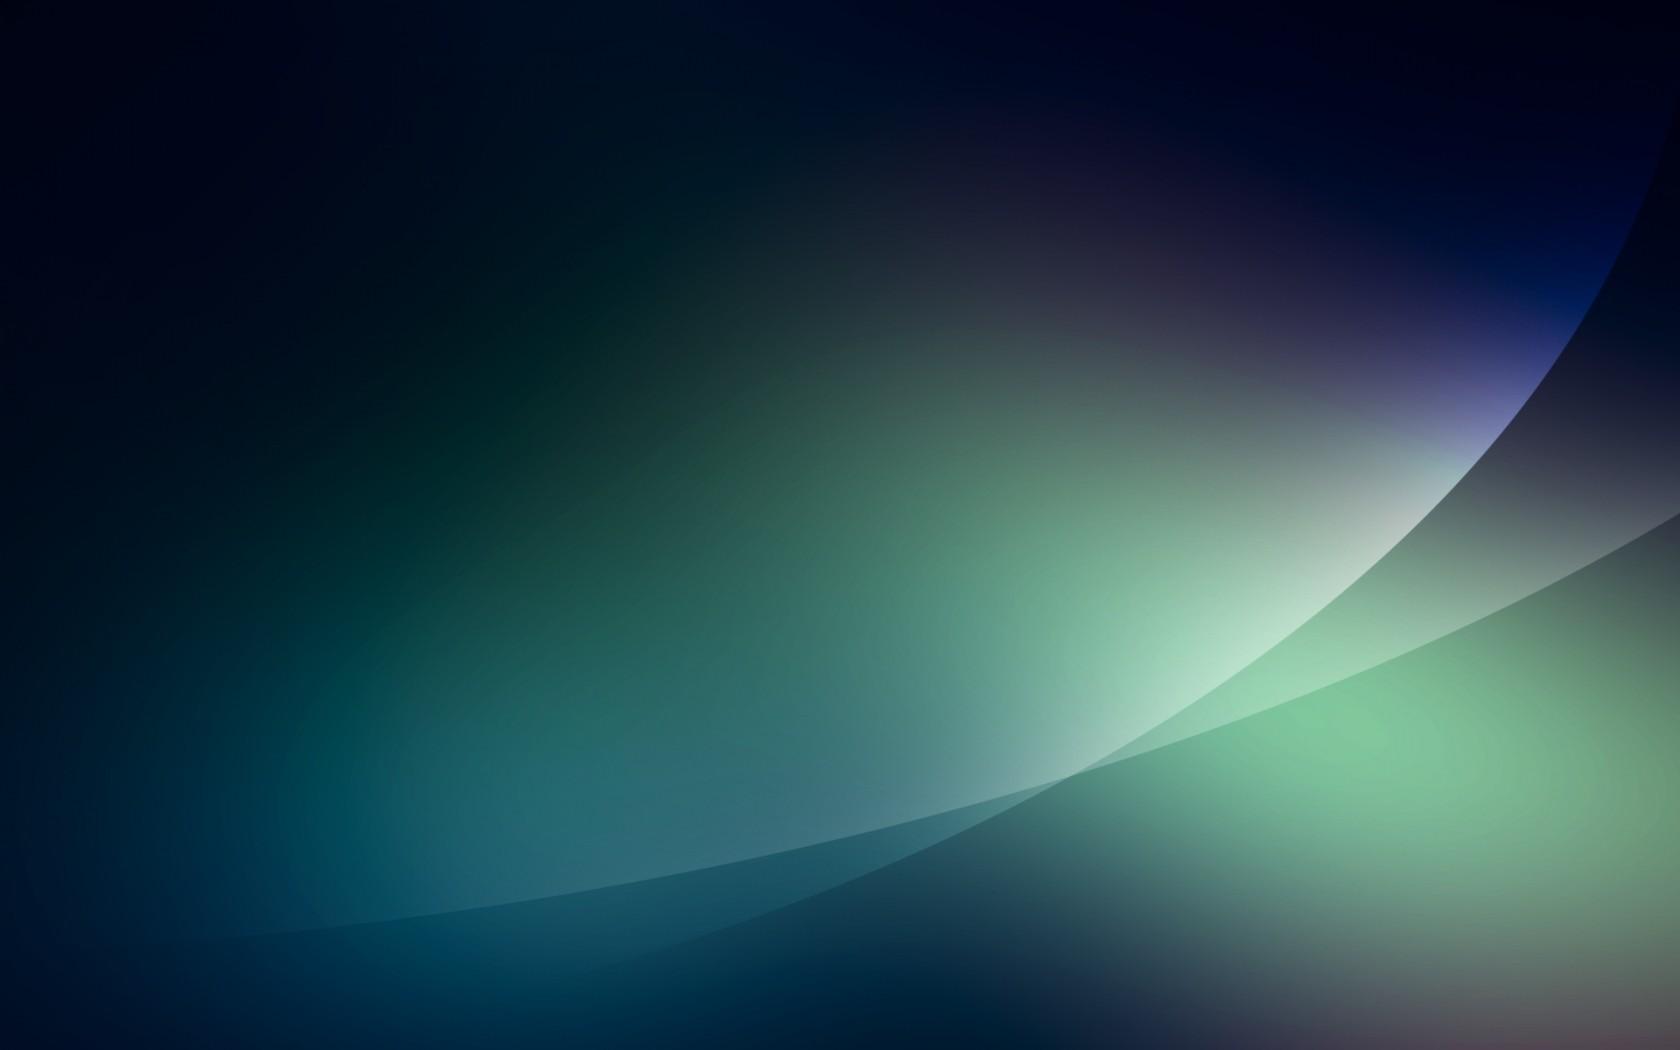 デスクトップ壁紙 スペース 空 緑 青 Linux 地平線 行